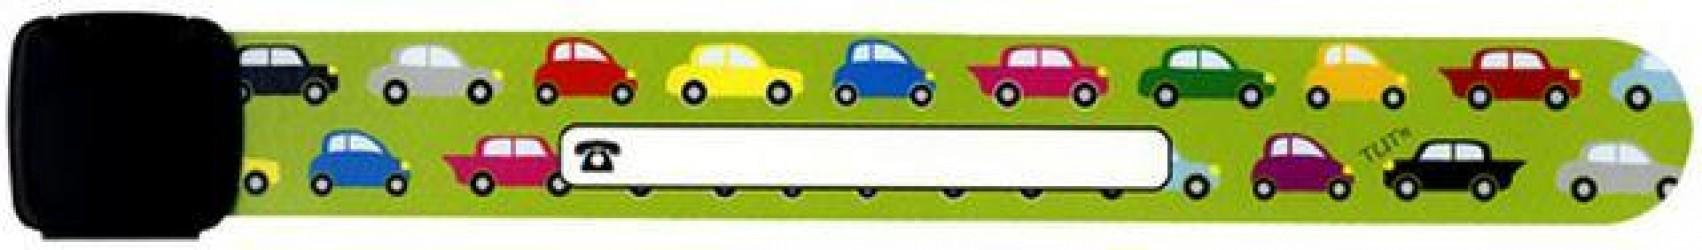 Navnearmbånd fra Infoband - Biler